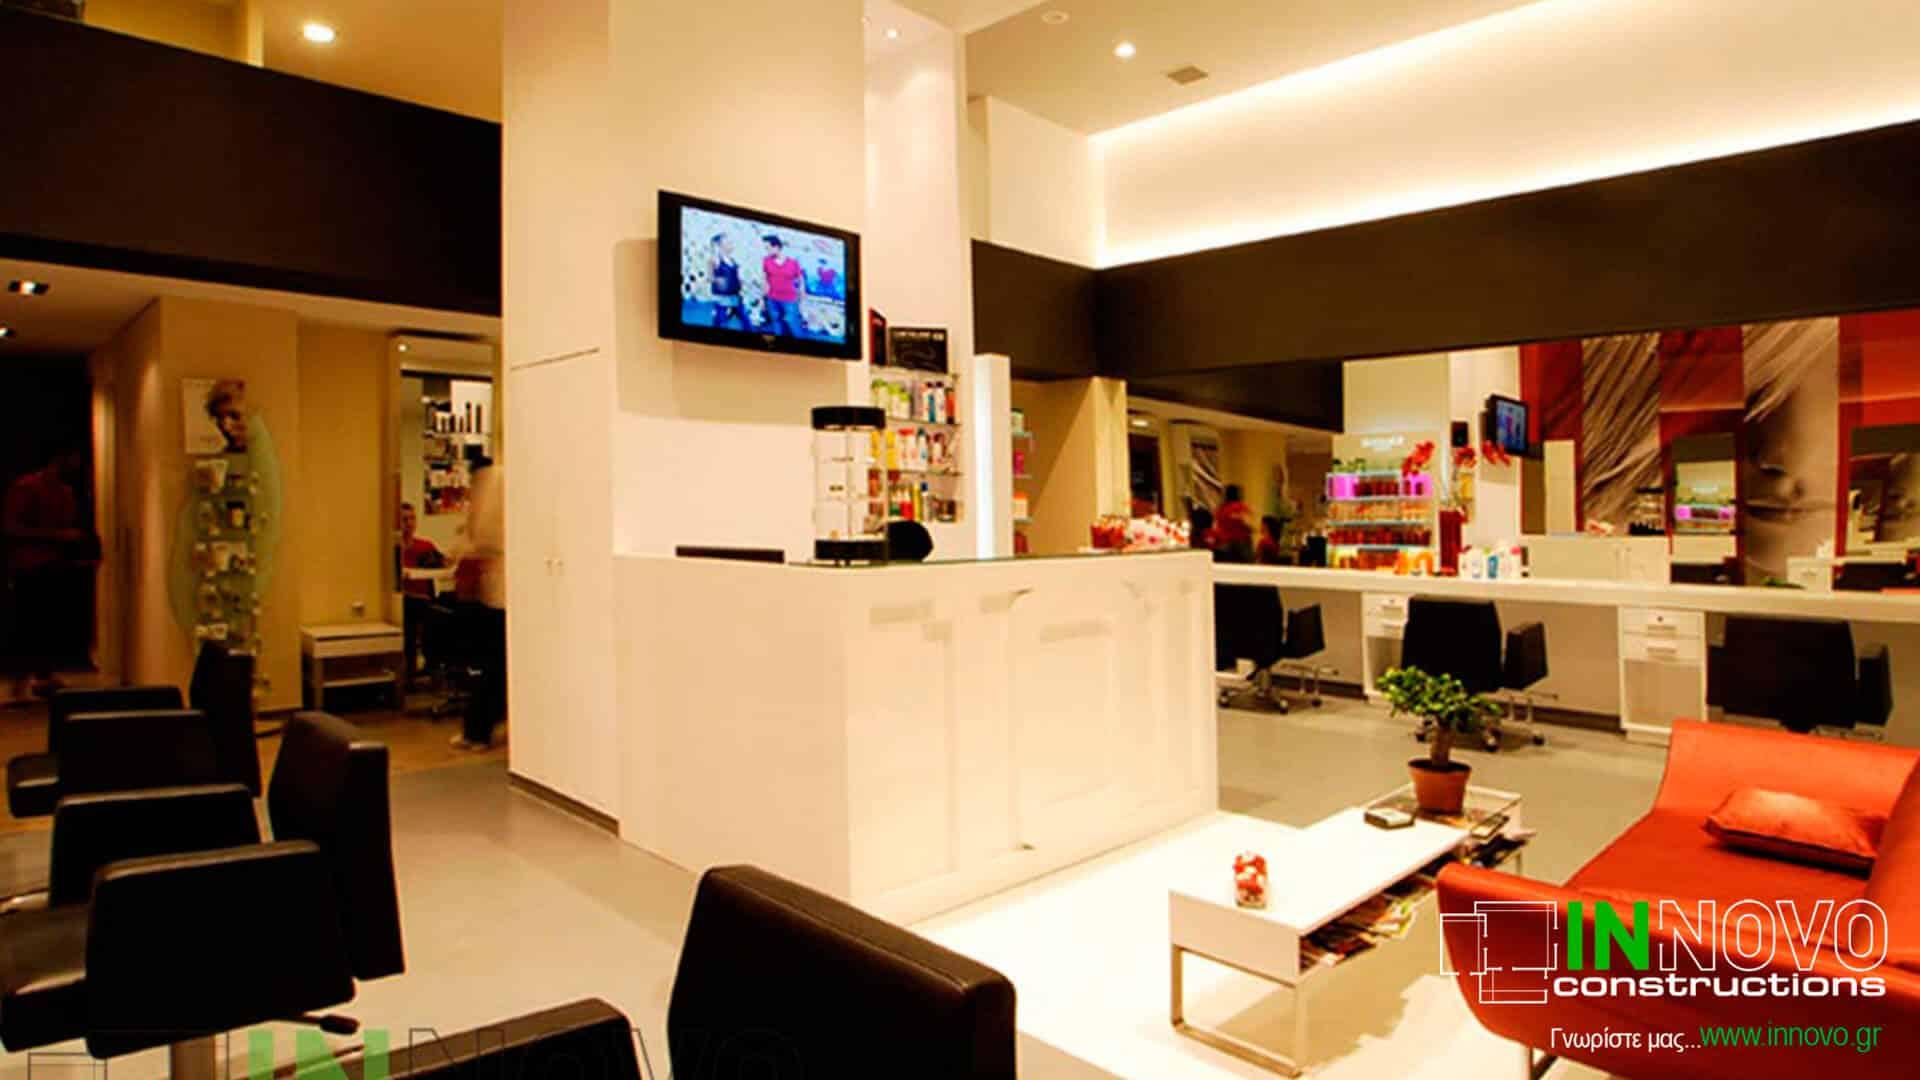 diakosmisi-kommotiriou-hairdressers-design-kommotirio-lazarou-869-3